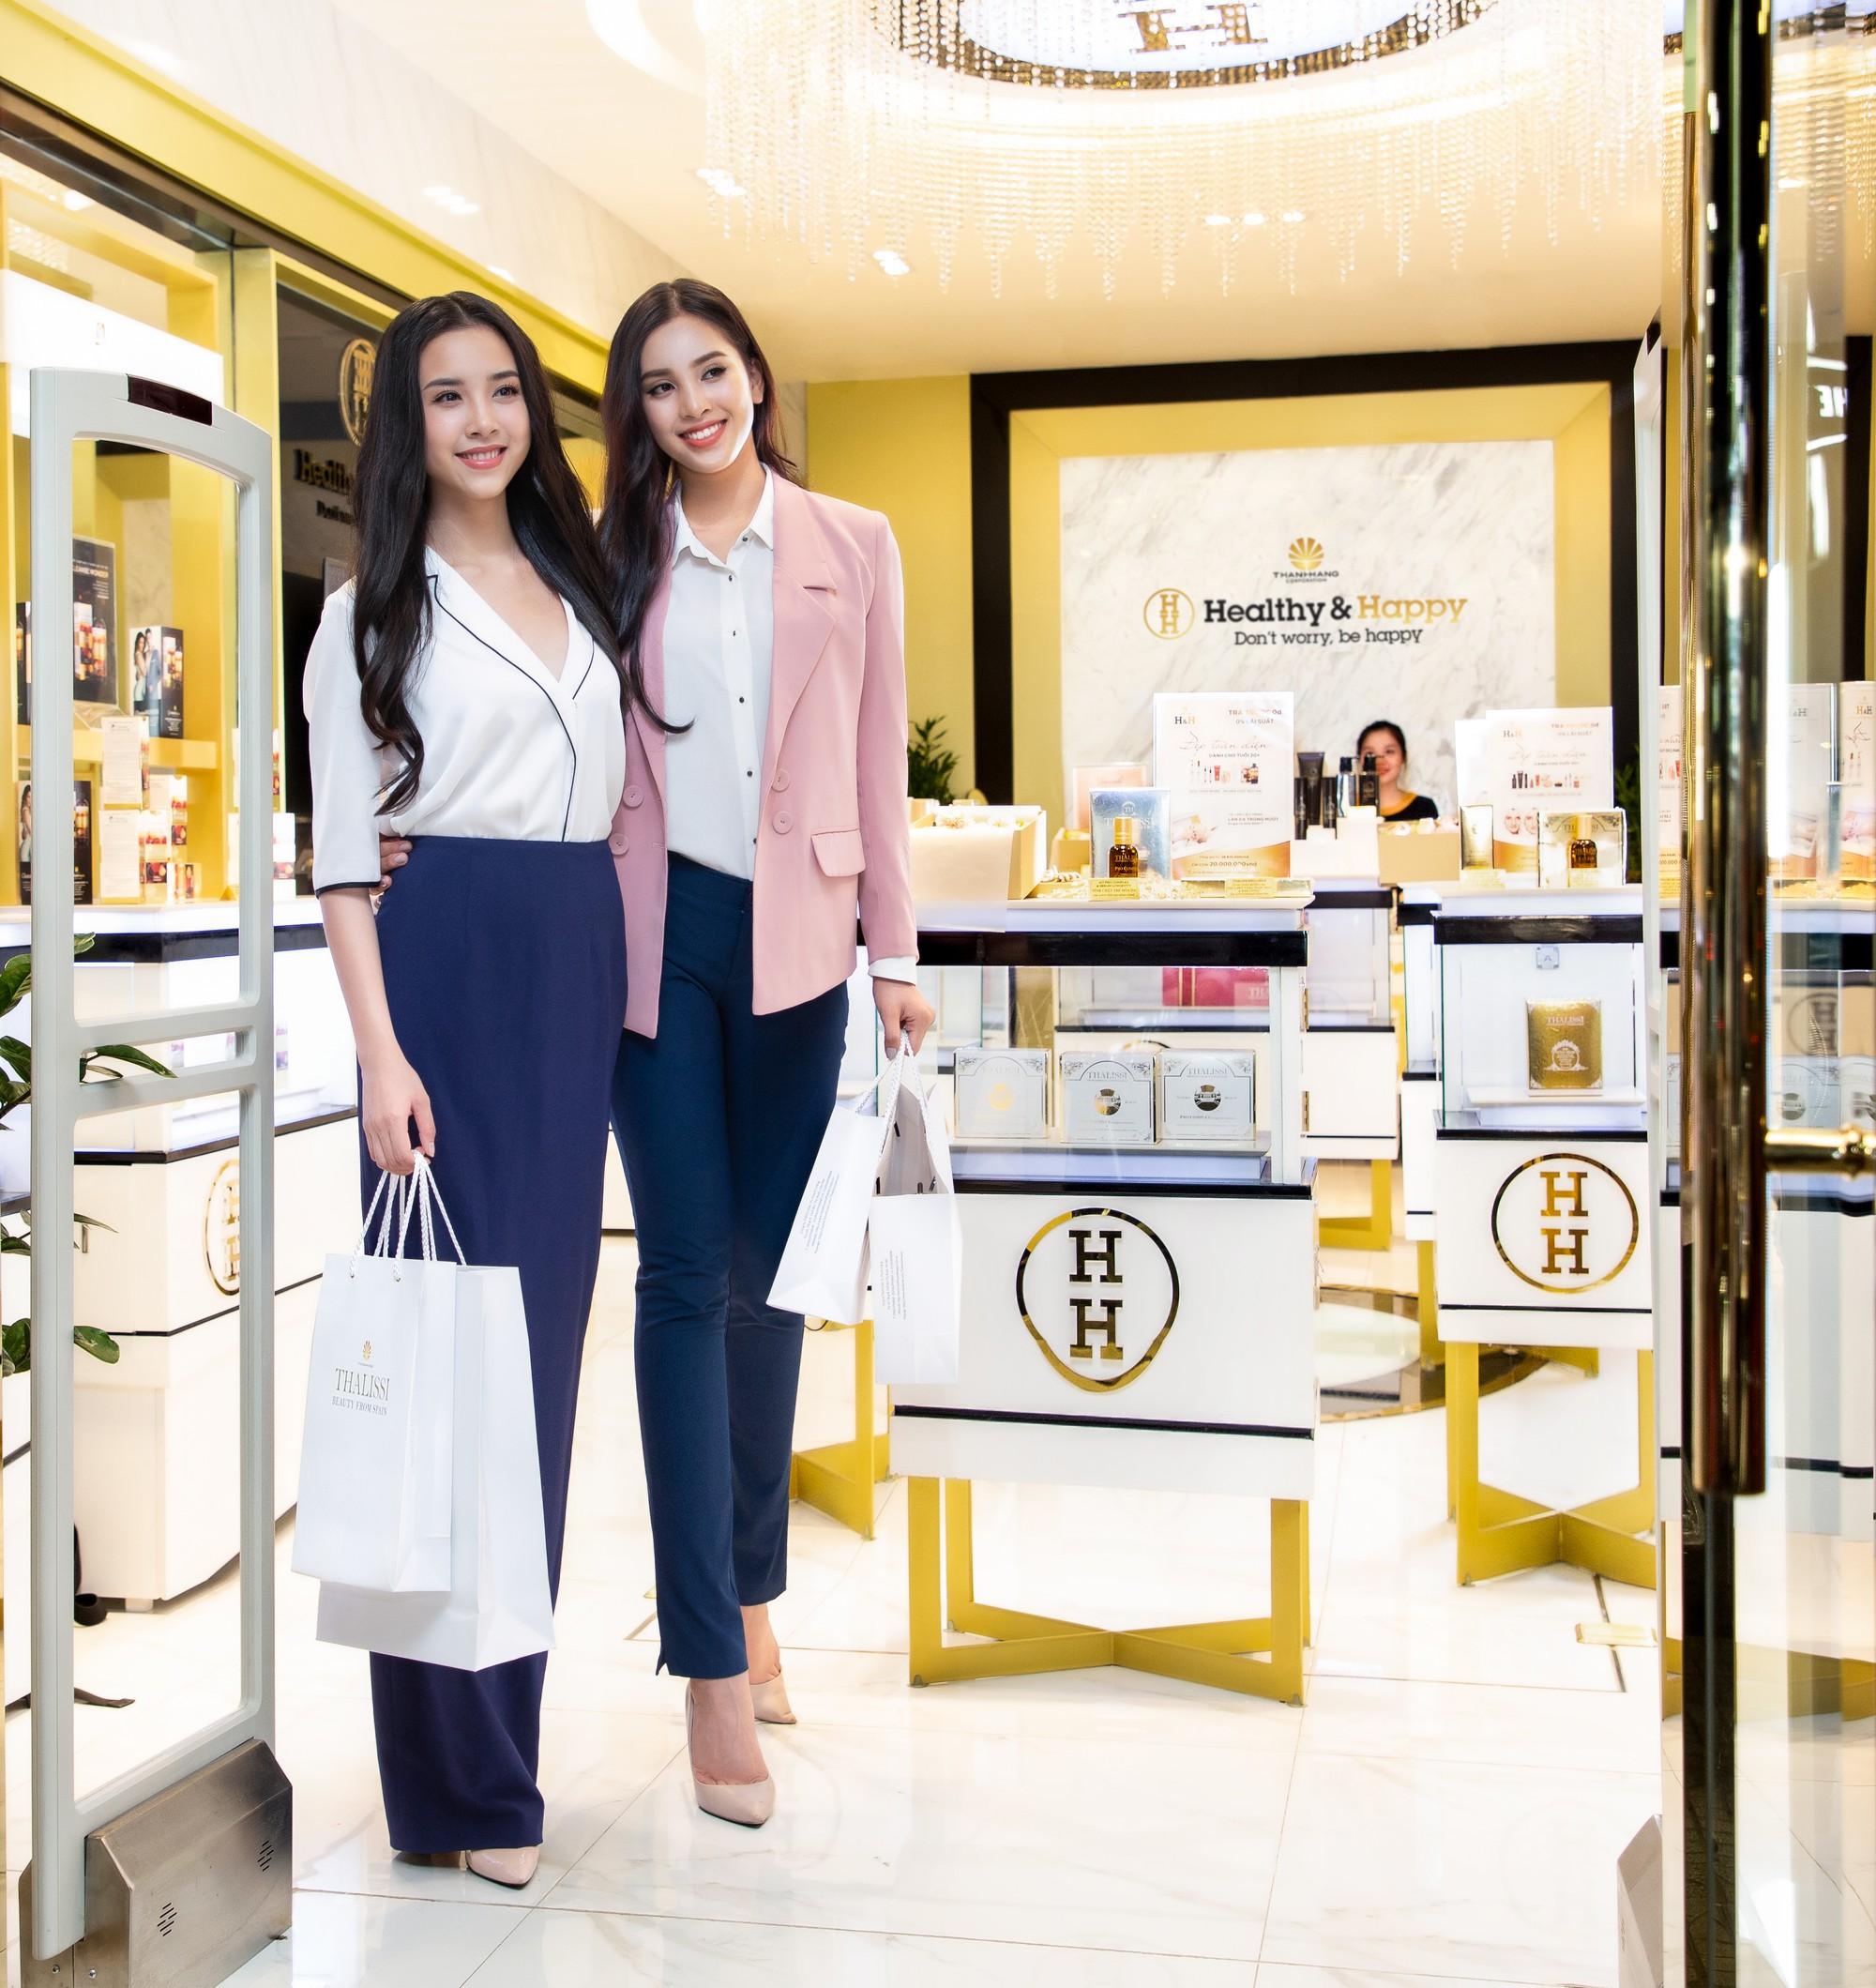 CEO Thanh Hằng Beauty Medi và quyết tâm tạo dựng chuỗi sản phẩm, dịch vụ làm đẹp khép kín dành cho người Việt - Ảnh 13.